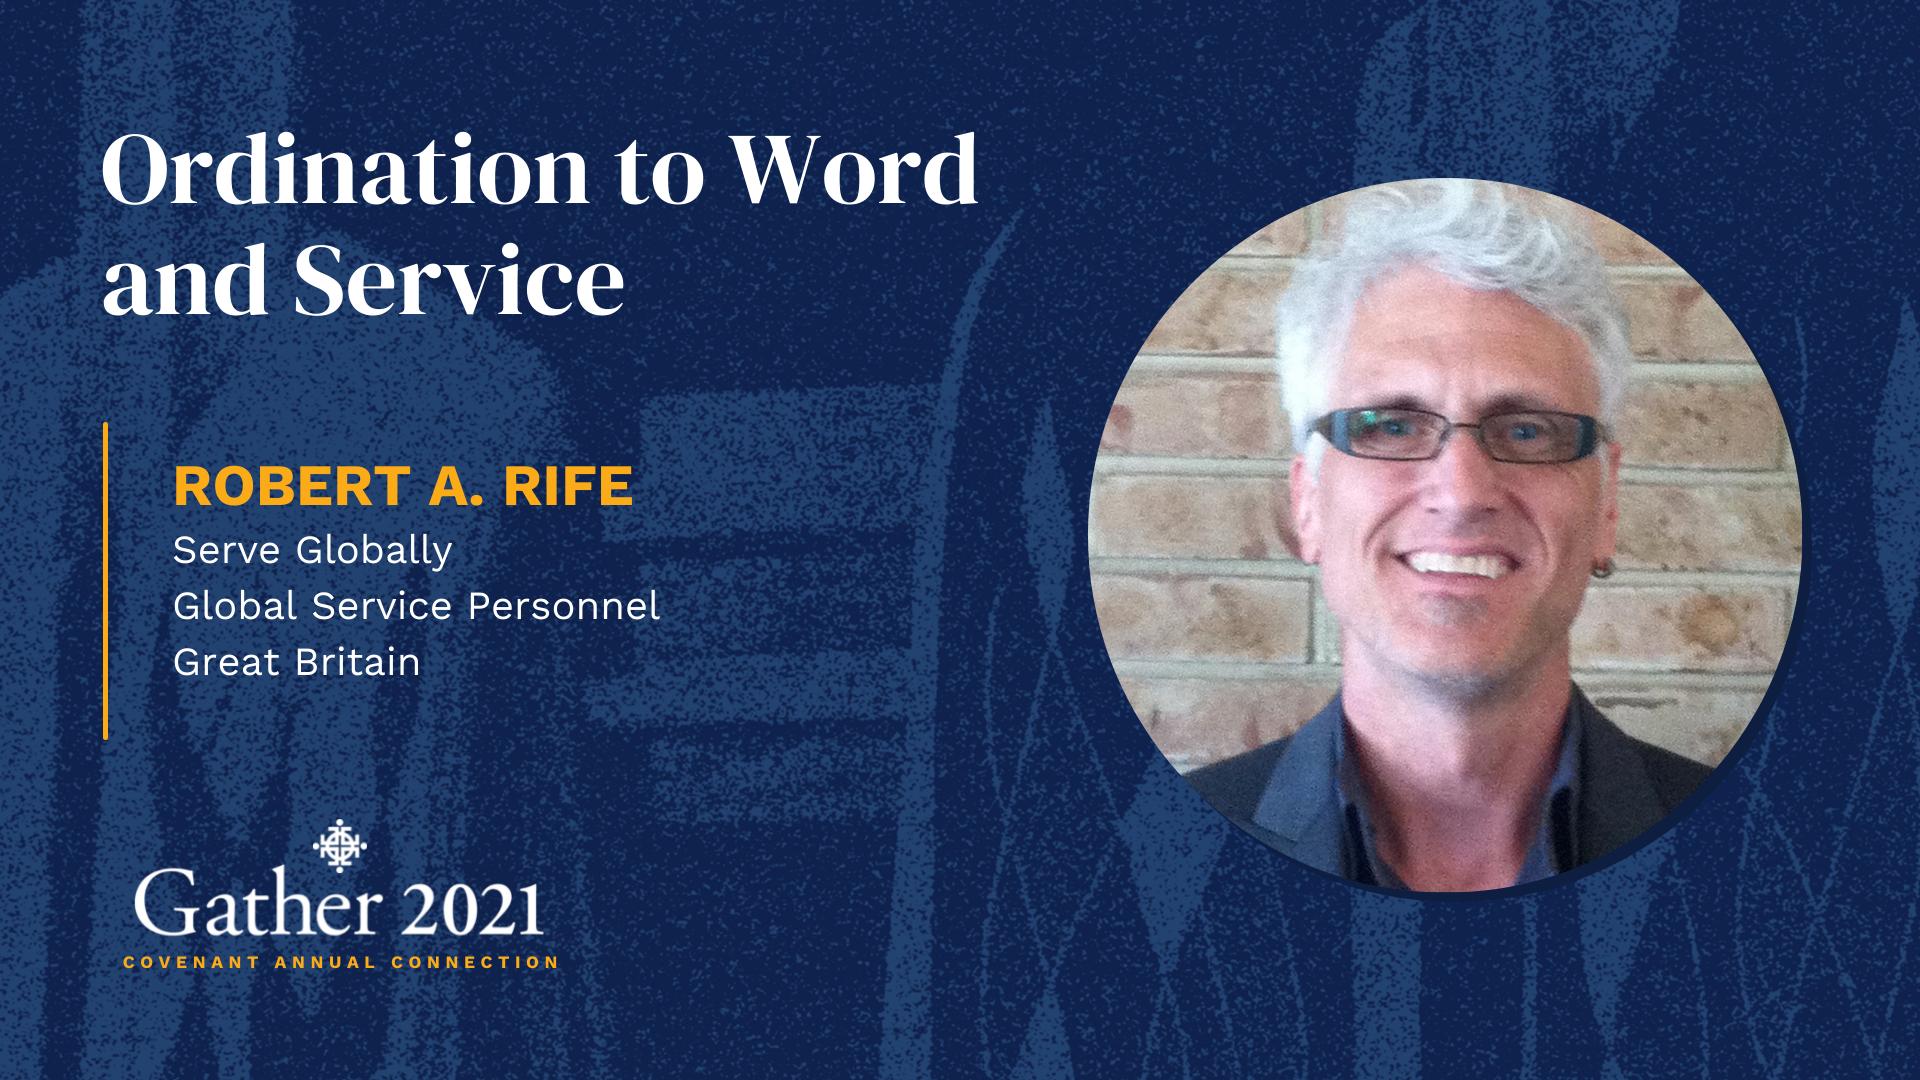 Robert A. Rife